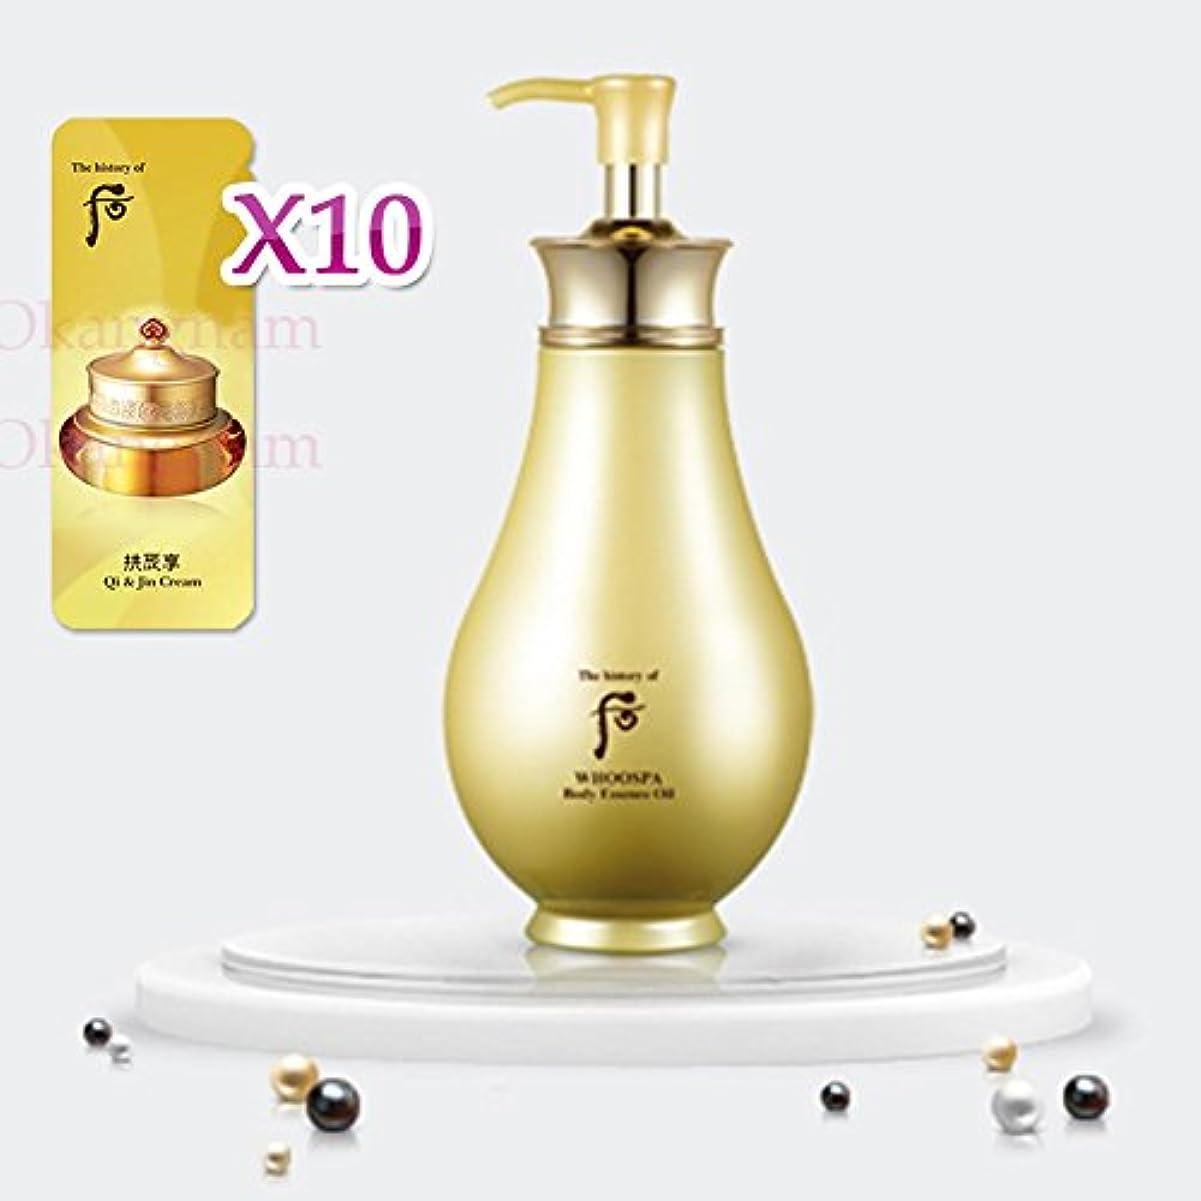 登山家うめき声頼る【フー/The history of whoo] Whoo后SPA03 Whoo Spa Body Essence Oil/后(フー)フス派ボディエッセンスオイル + [Sample Gift](海外直送品)